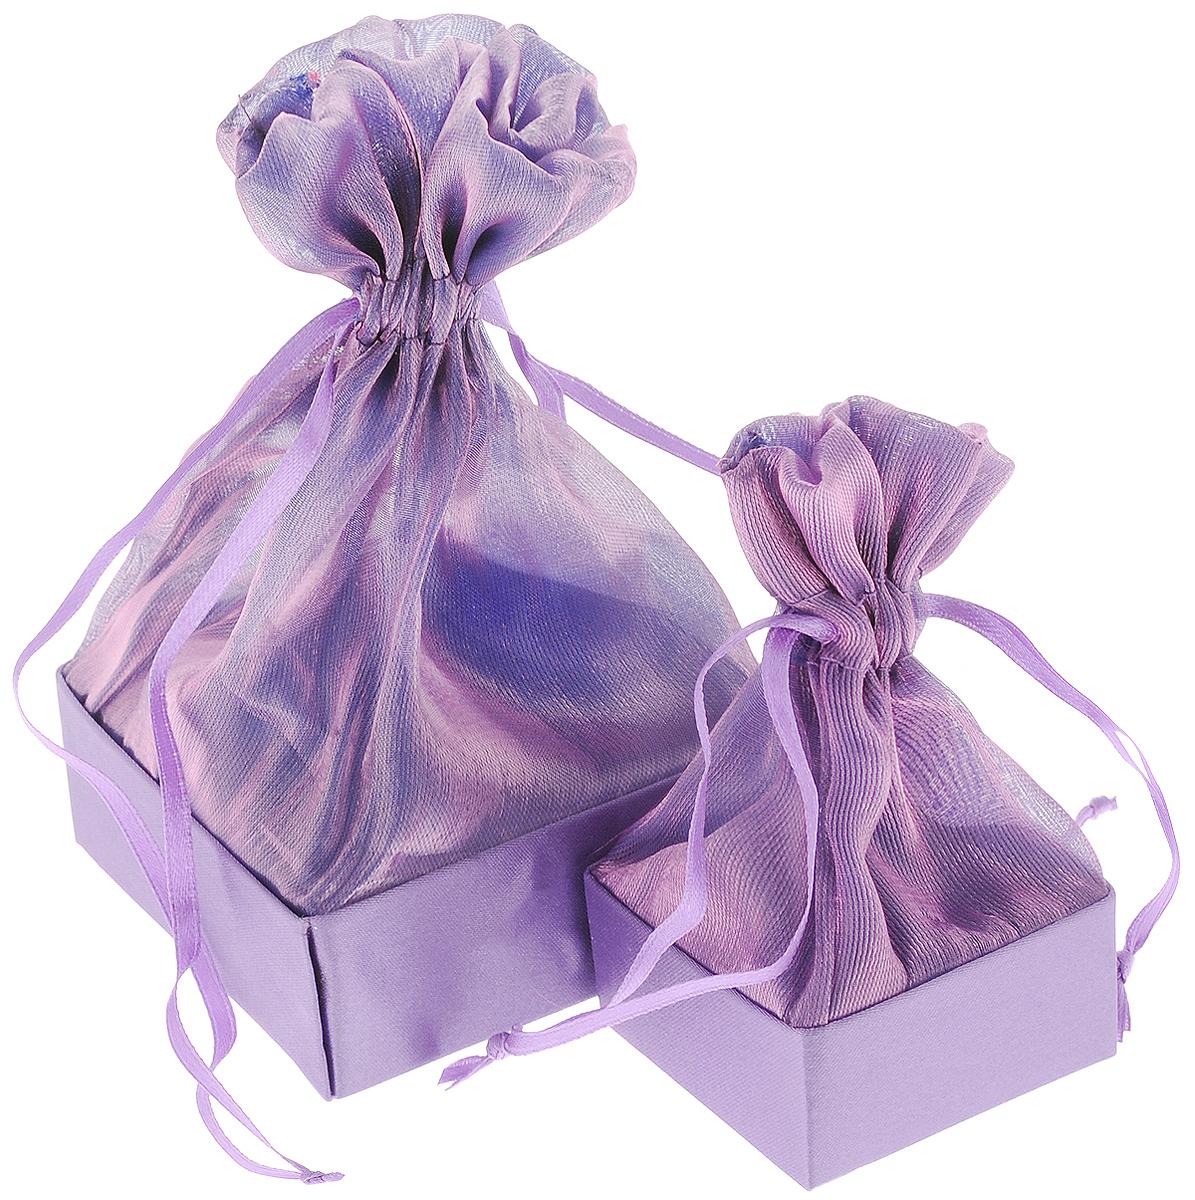 Набор подарочных коробок Piovaccari Тиффани, цвет: фиолетовый, 2 шт1898P 48Набор Piovaccari Тиффани состоит из двух подарочных коробок разного размера. Коробки выполнены в виде мешочков, которые затягиваются и завязываются лентой. Основание коробок изготовлено из твердого картона и обтянуто органзой. Набор Piovaccari Тиффани станет одним из самых оригинальных вариантов упаковки для подарка. Яркий дизайн будет долго напоминать владельцу о трогательных моментах получения подарка. Размер большой коробки: 7,5 х 7,5 х 16 см. Размер малой коробки: 5 х 5 х 11 см.